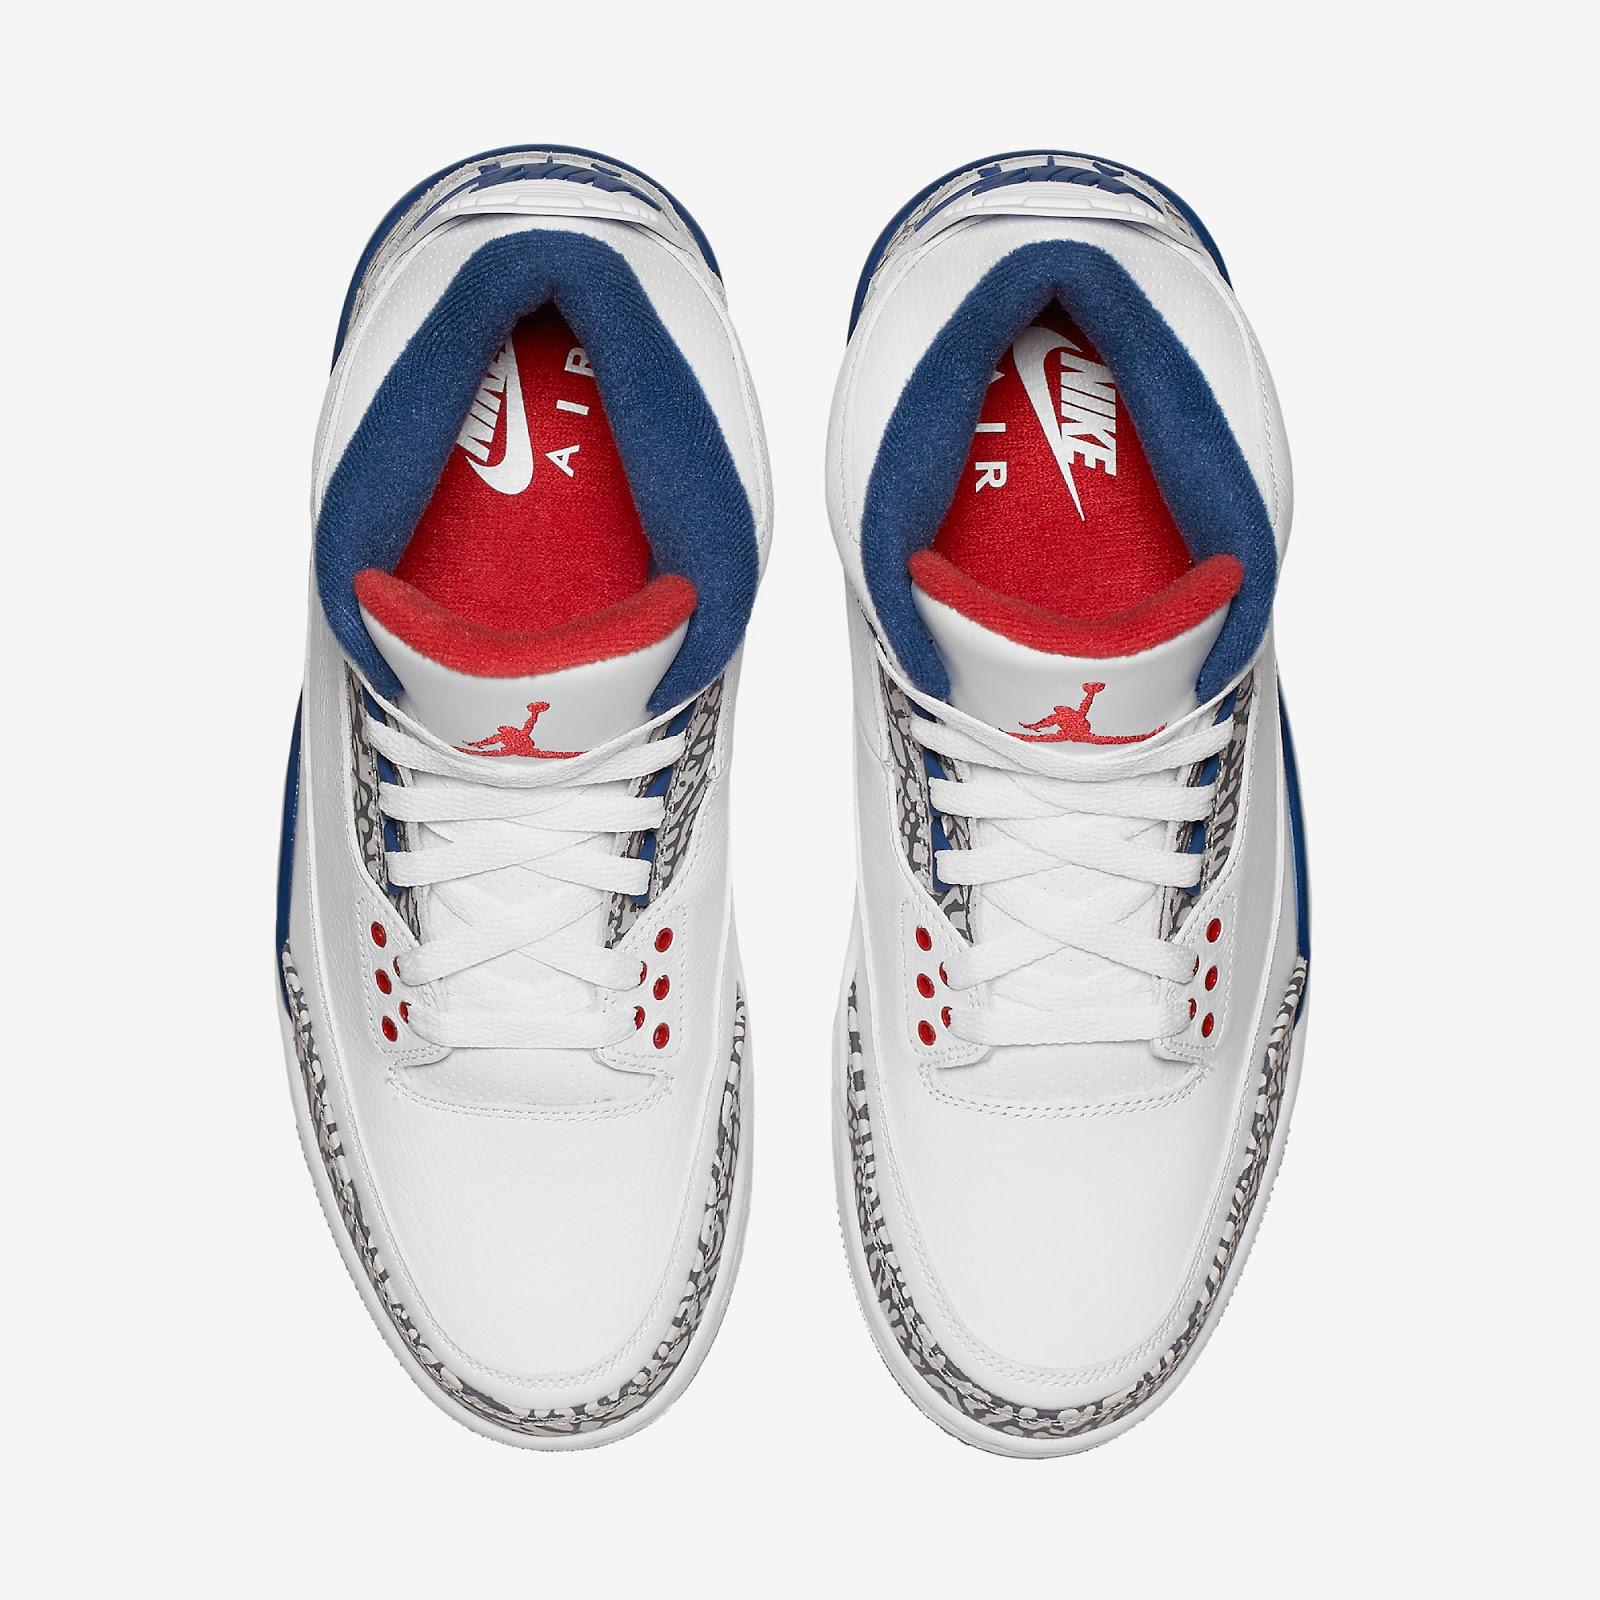 b43900fb419 ajordanxi Your  1 Source For Sneaker Release Dates  Air Jordan 3 ...